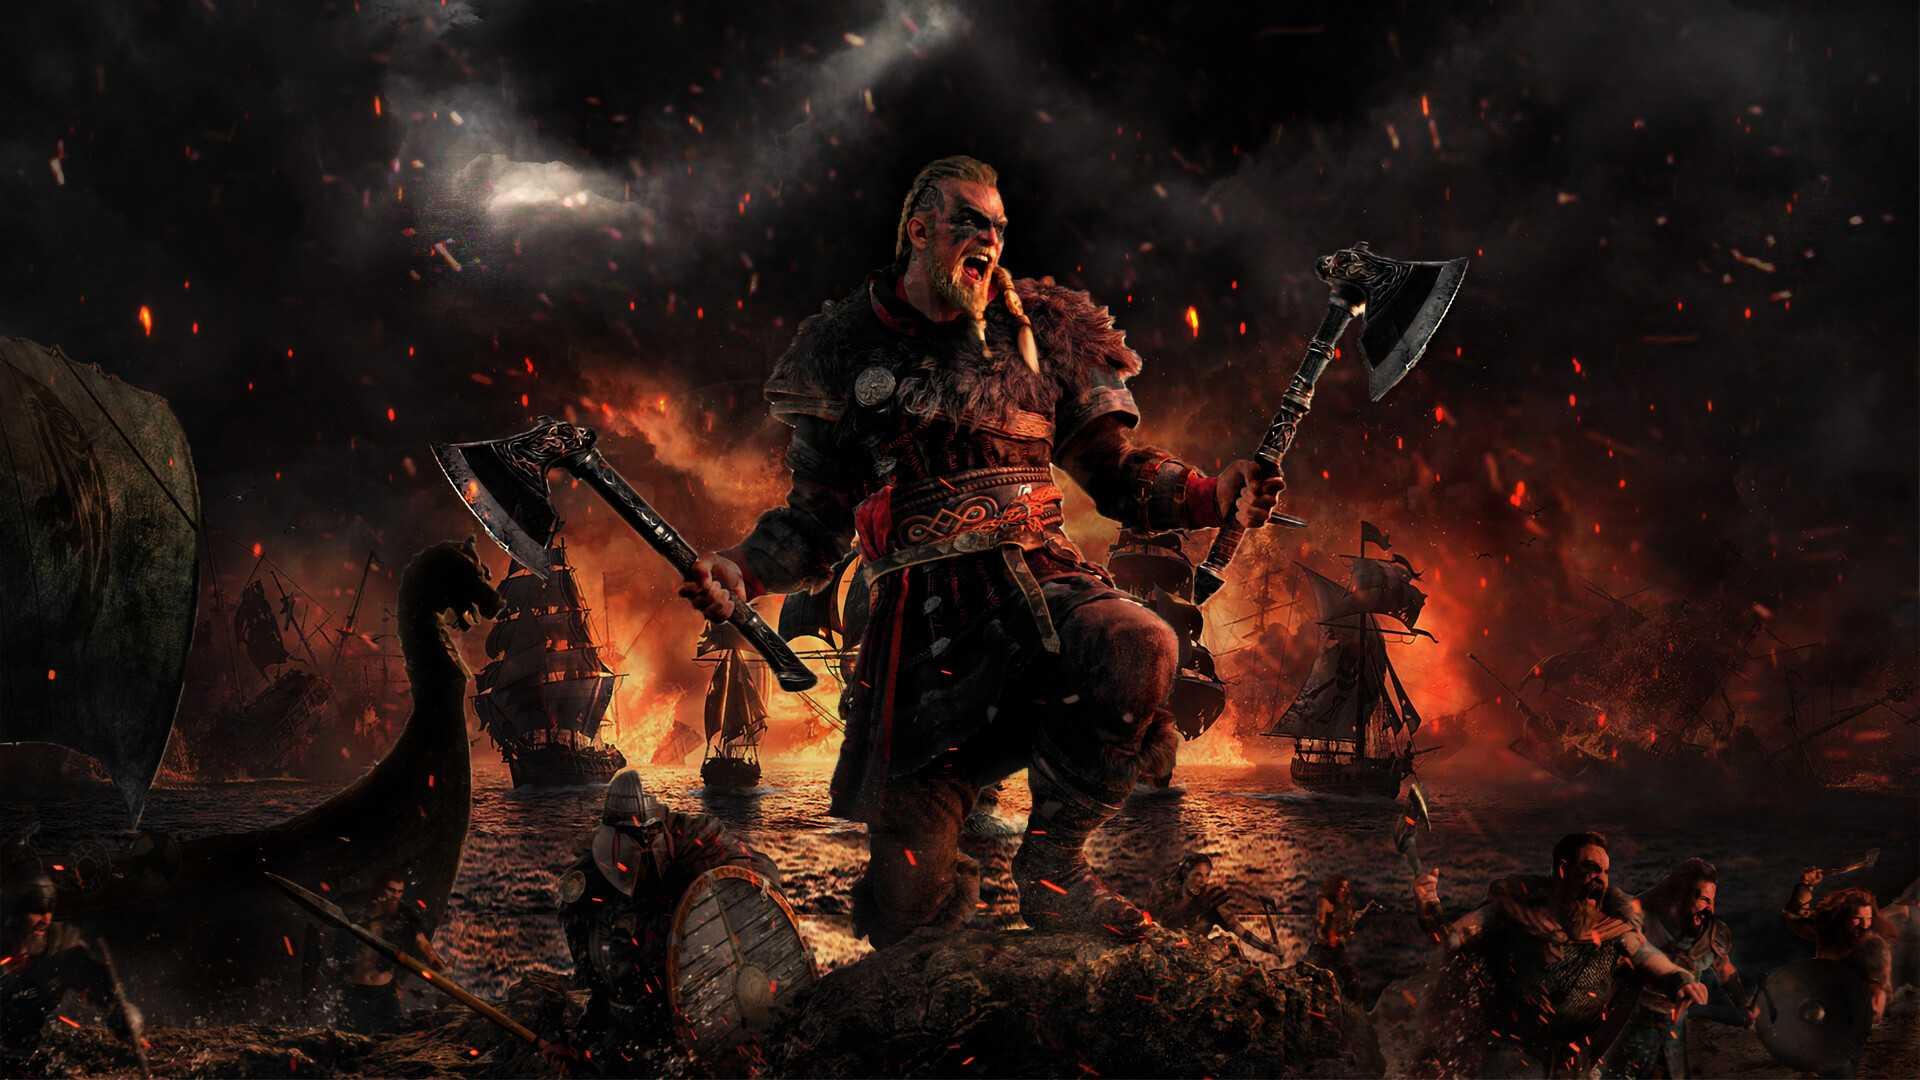 Assassin's Creed Valhalla: un final pobre que estropea una experiencia apasionante